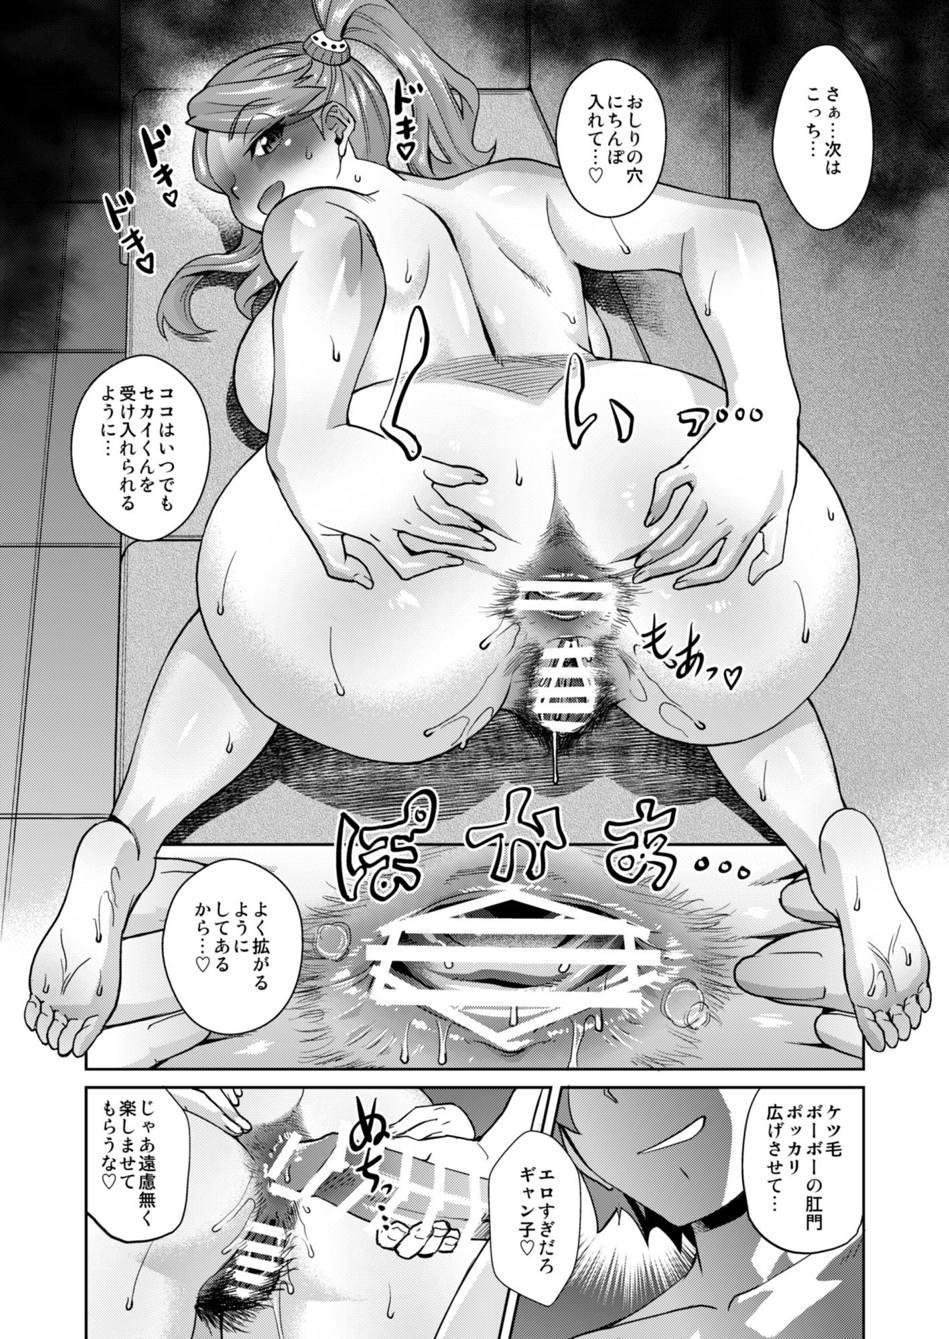 Meshimase Gyanko no Nikutsubo Bentou 20